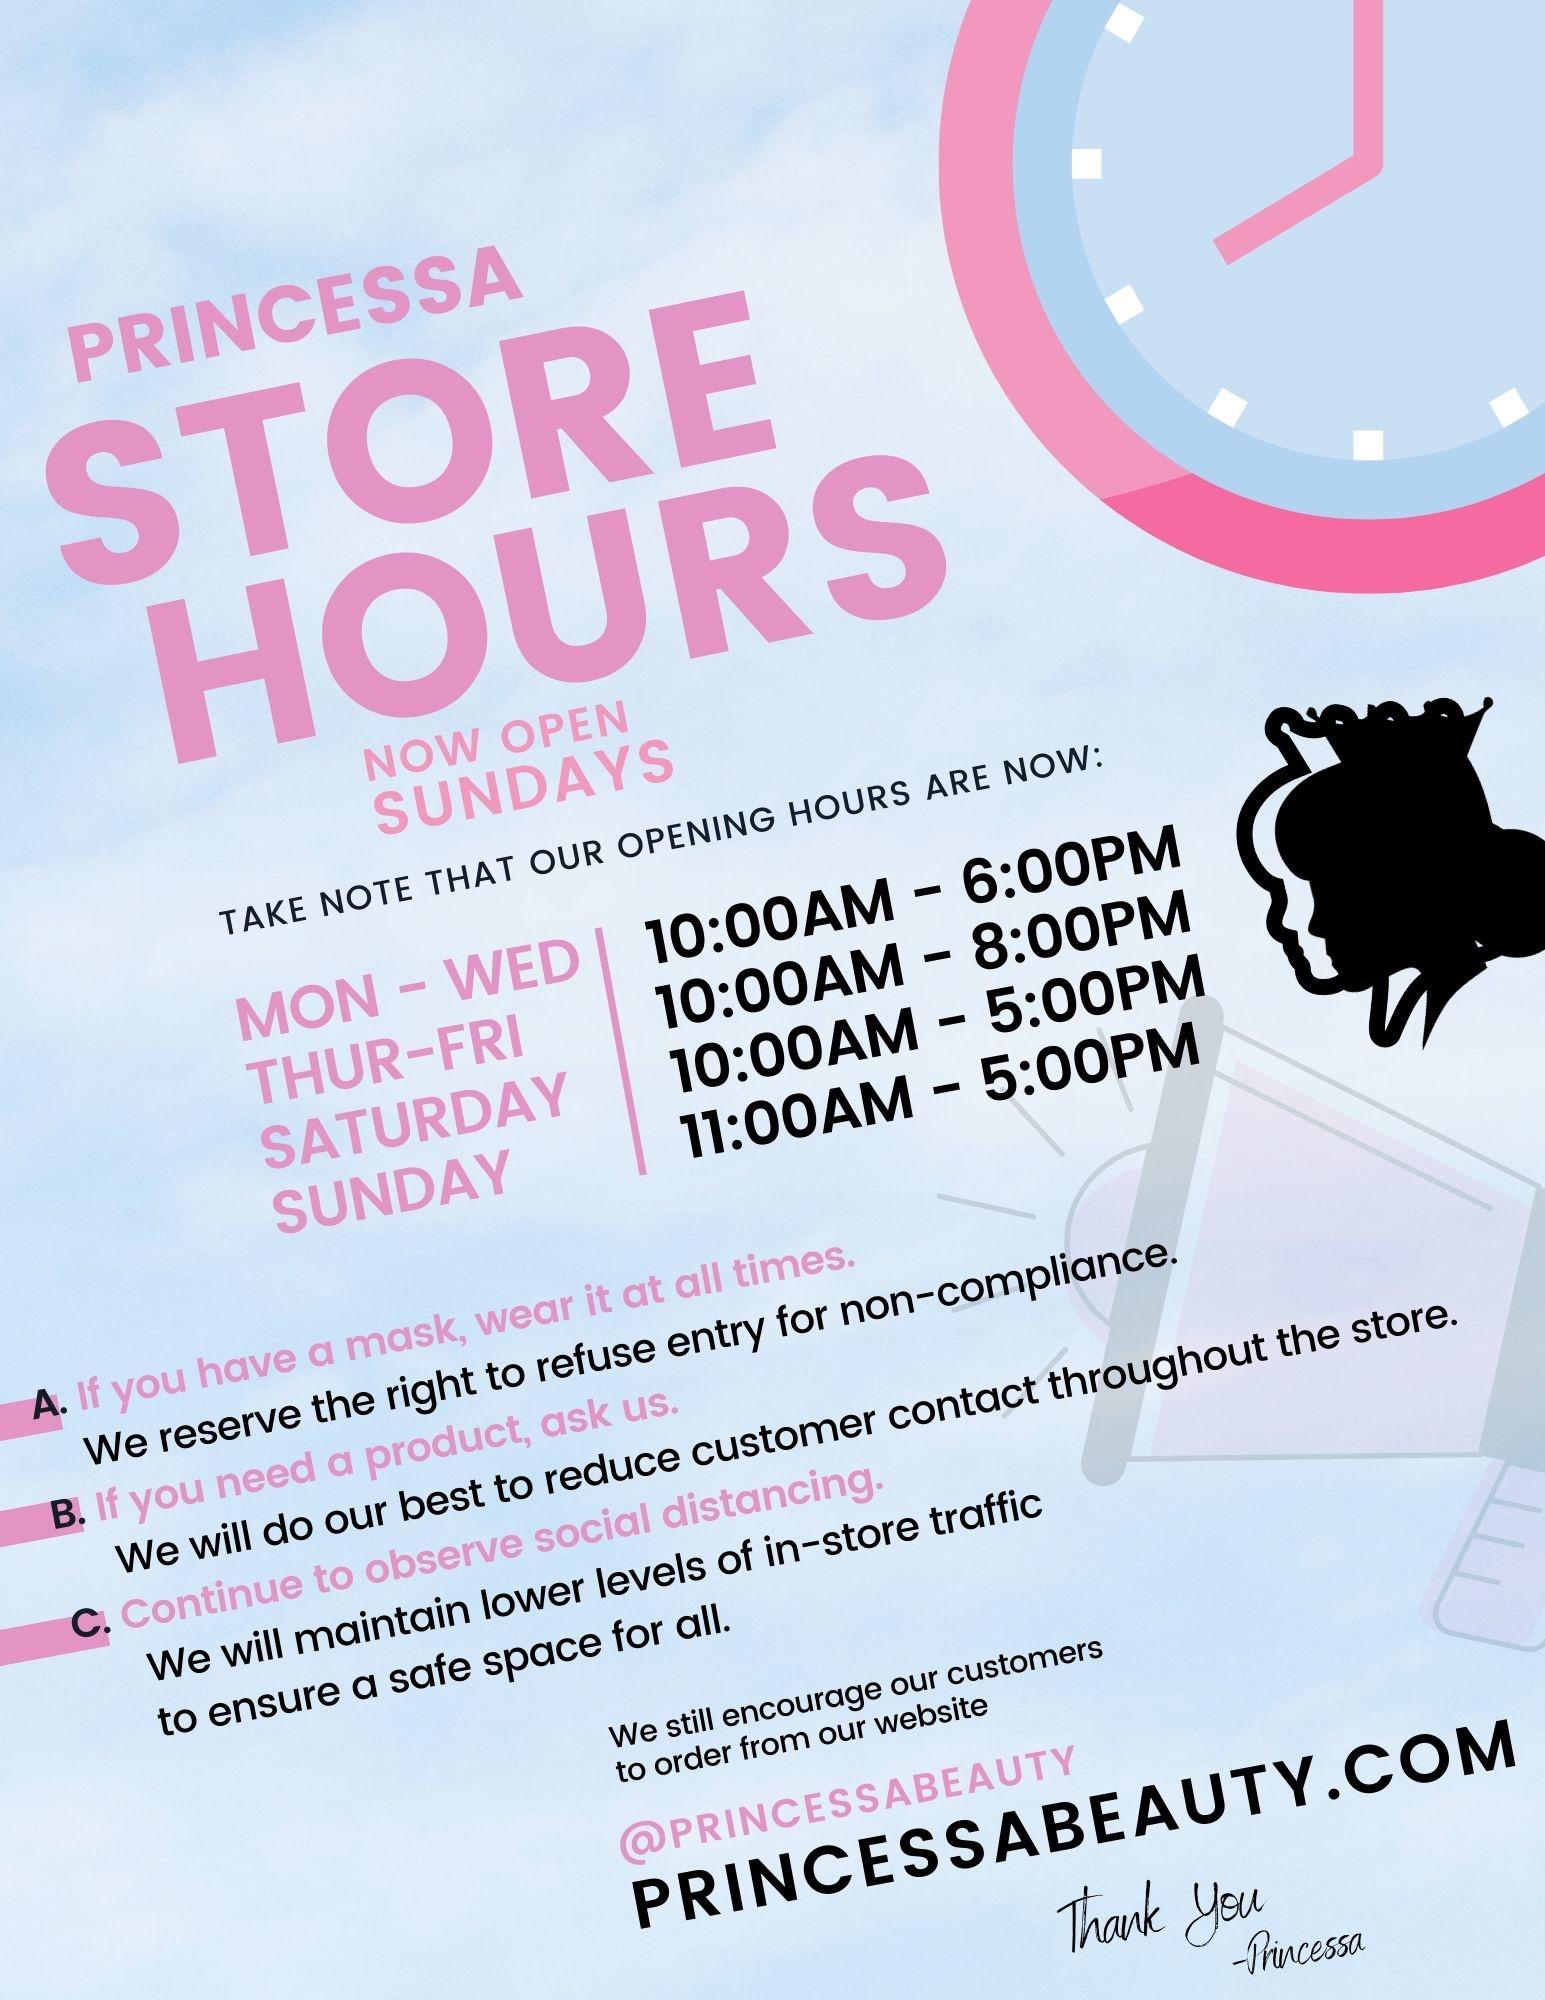 Princessa now reopen on Sundays!